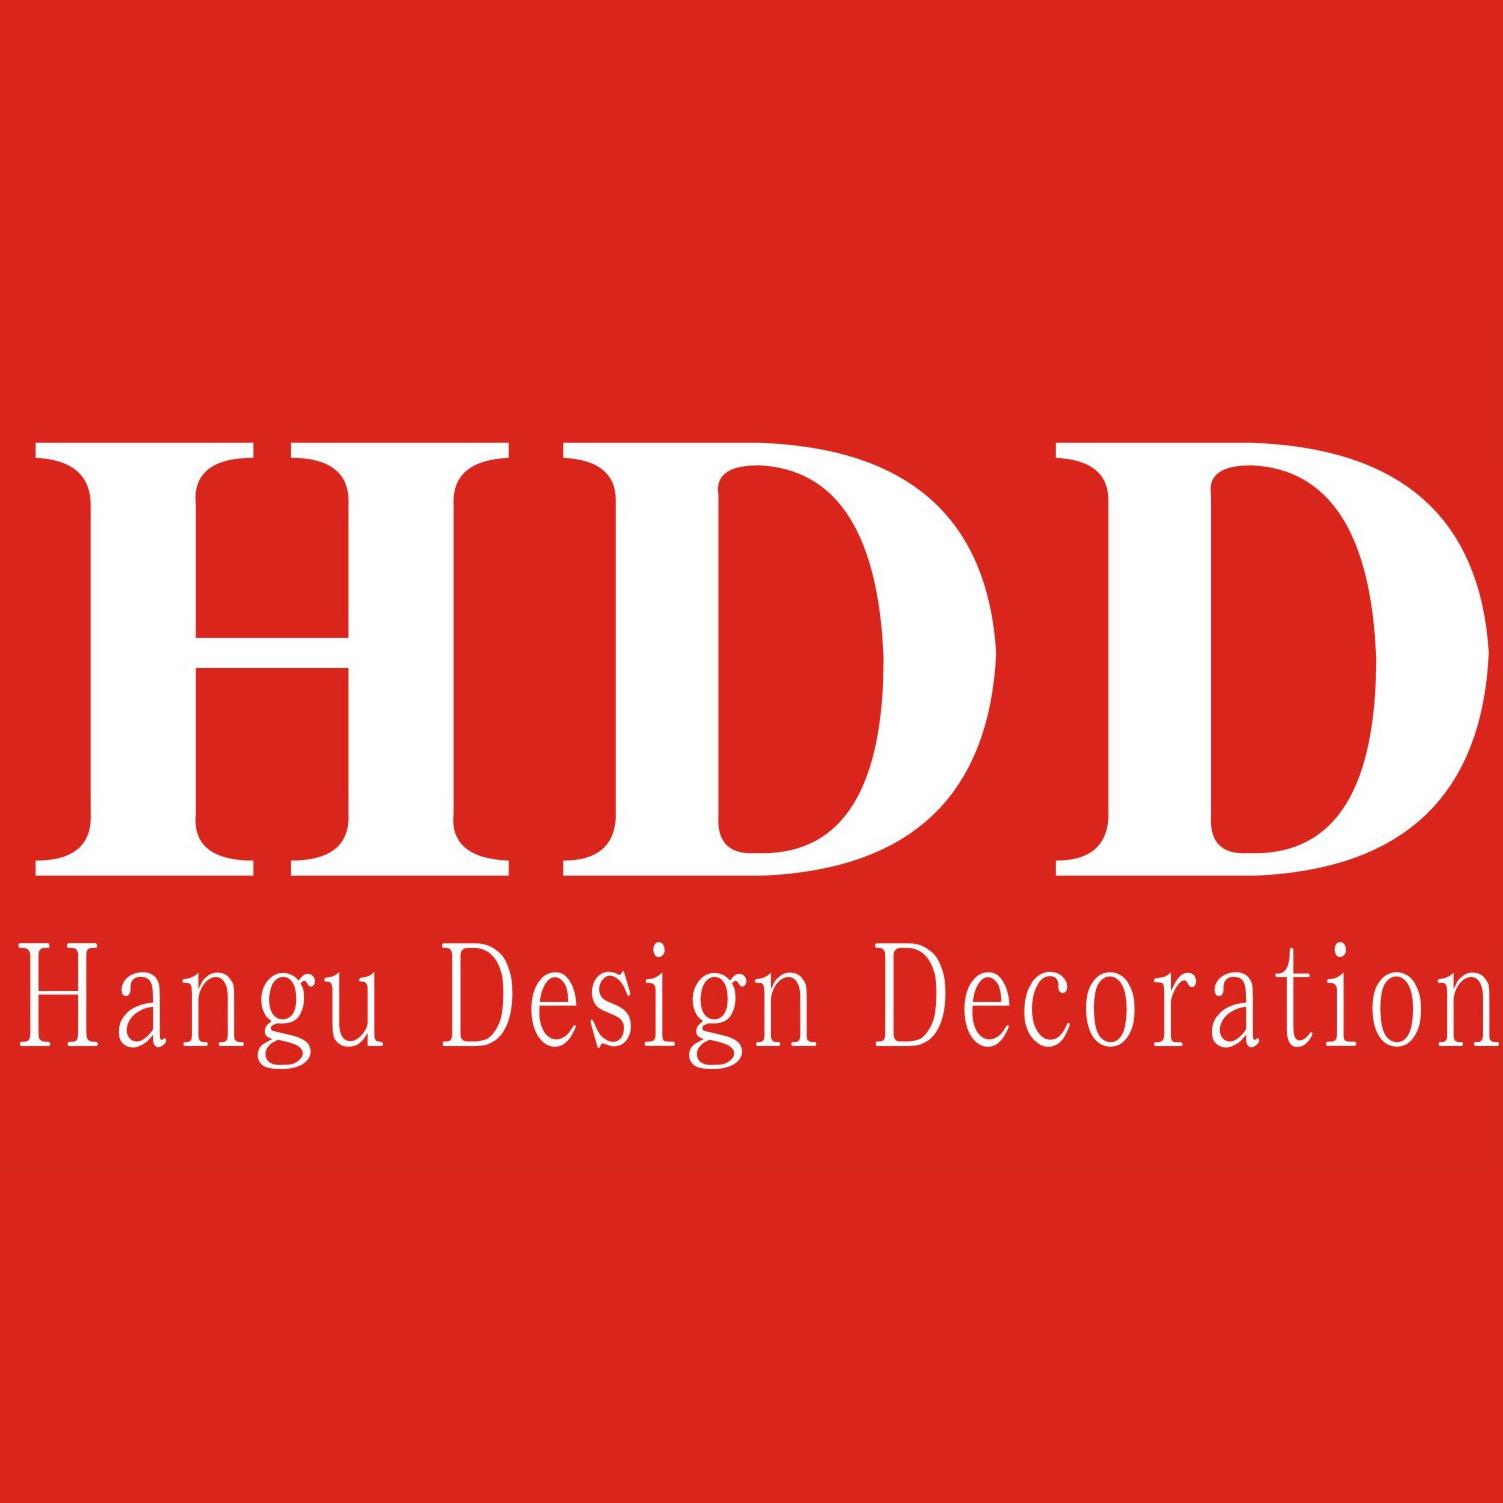 河南汉古装饰工程设计有限公司